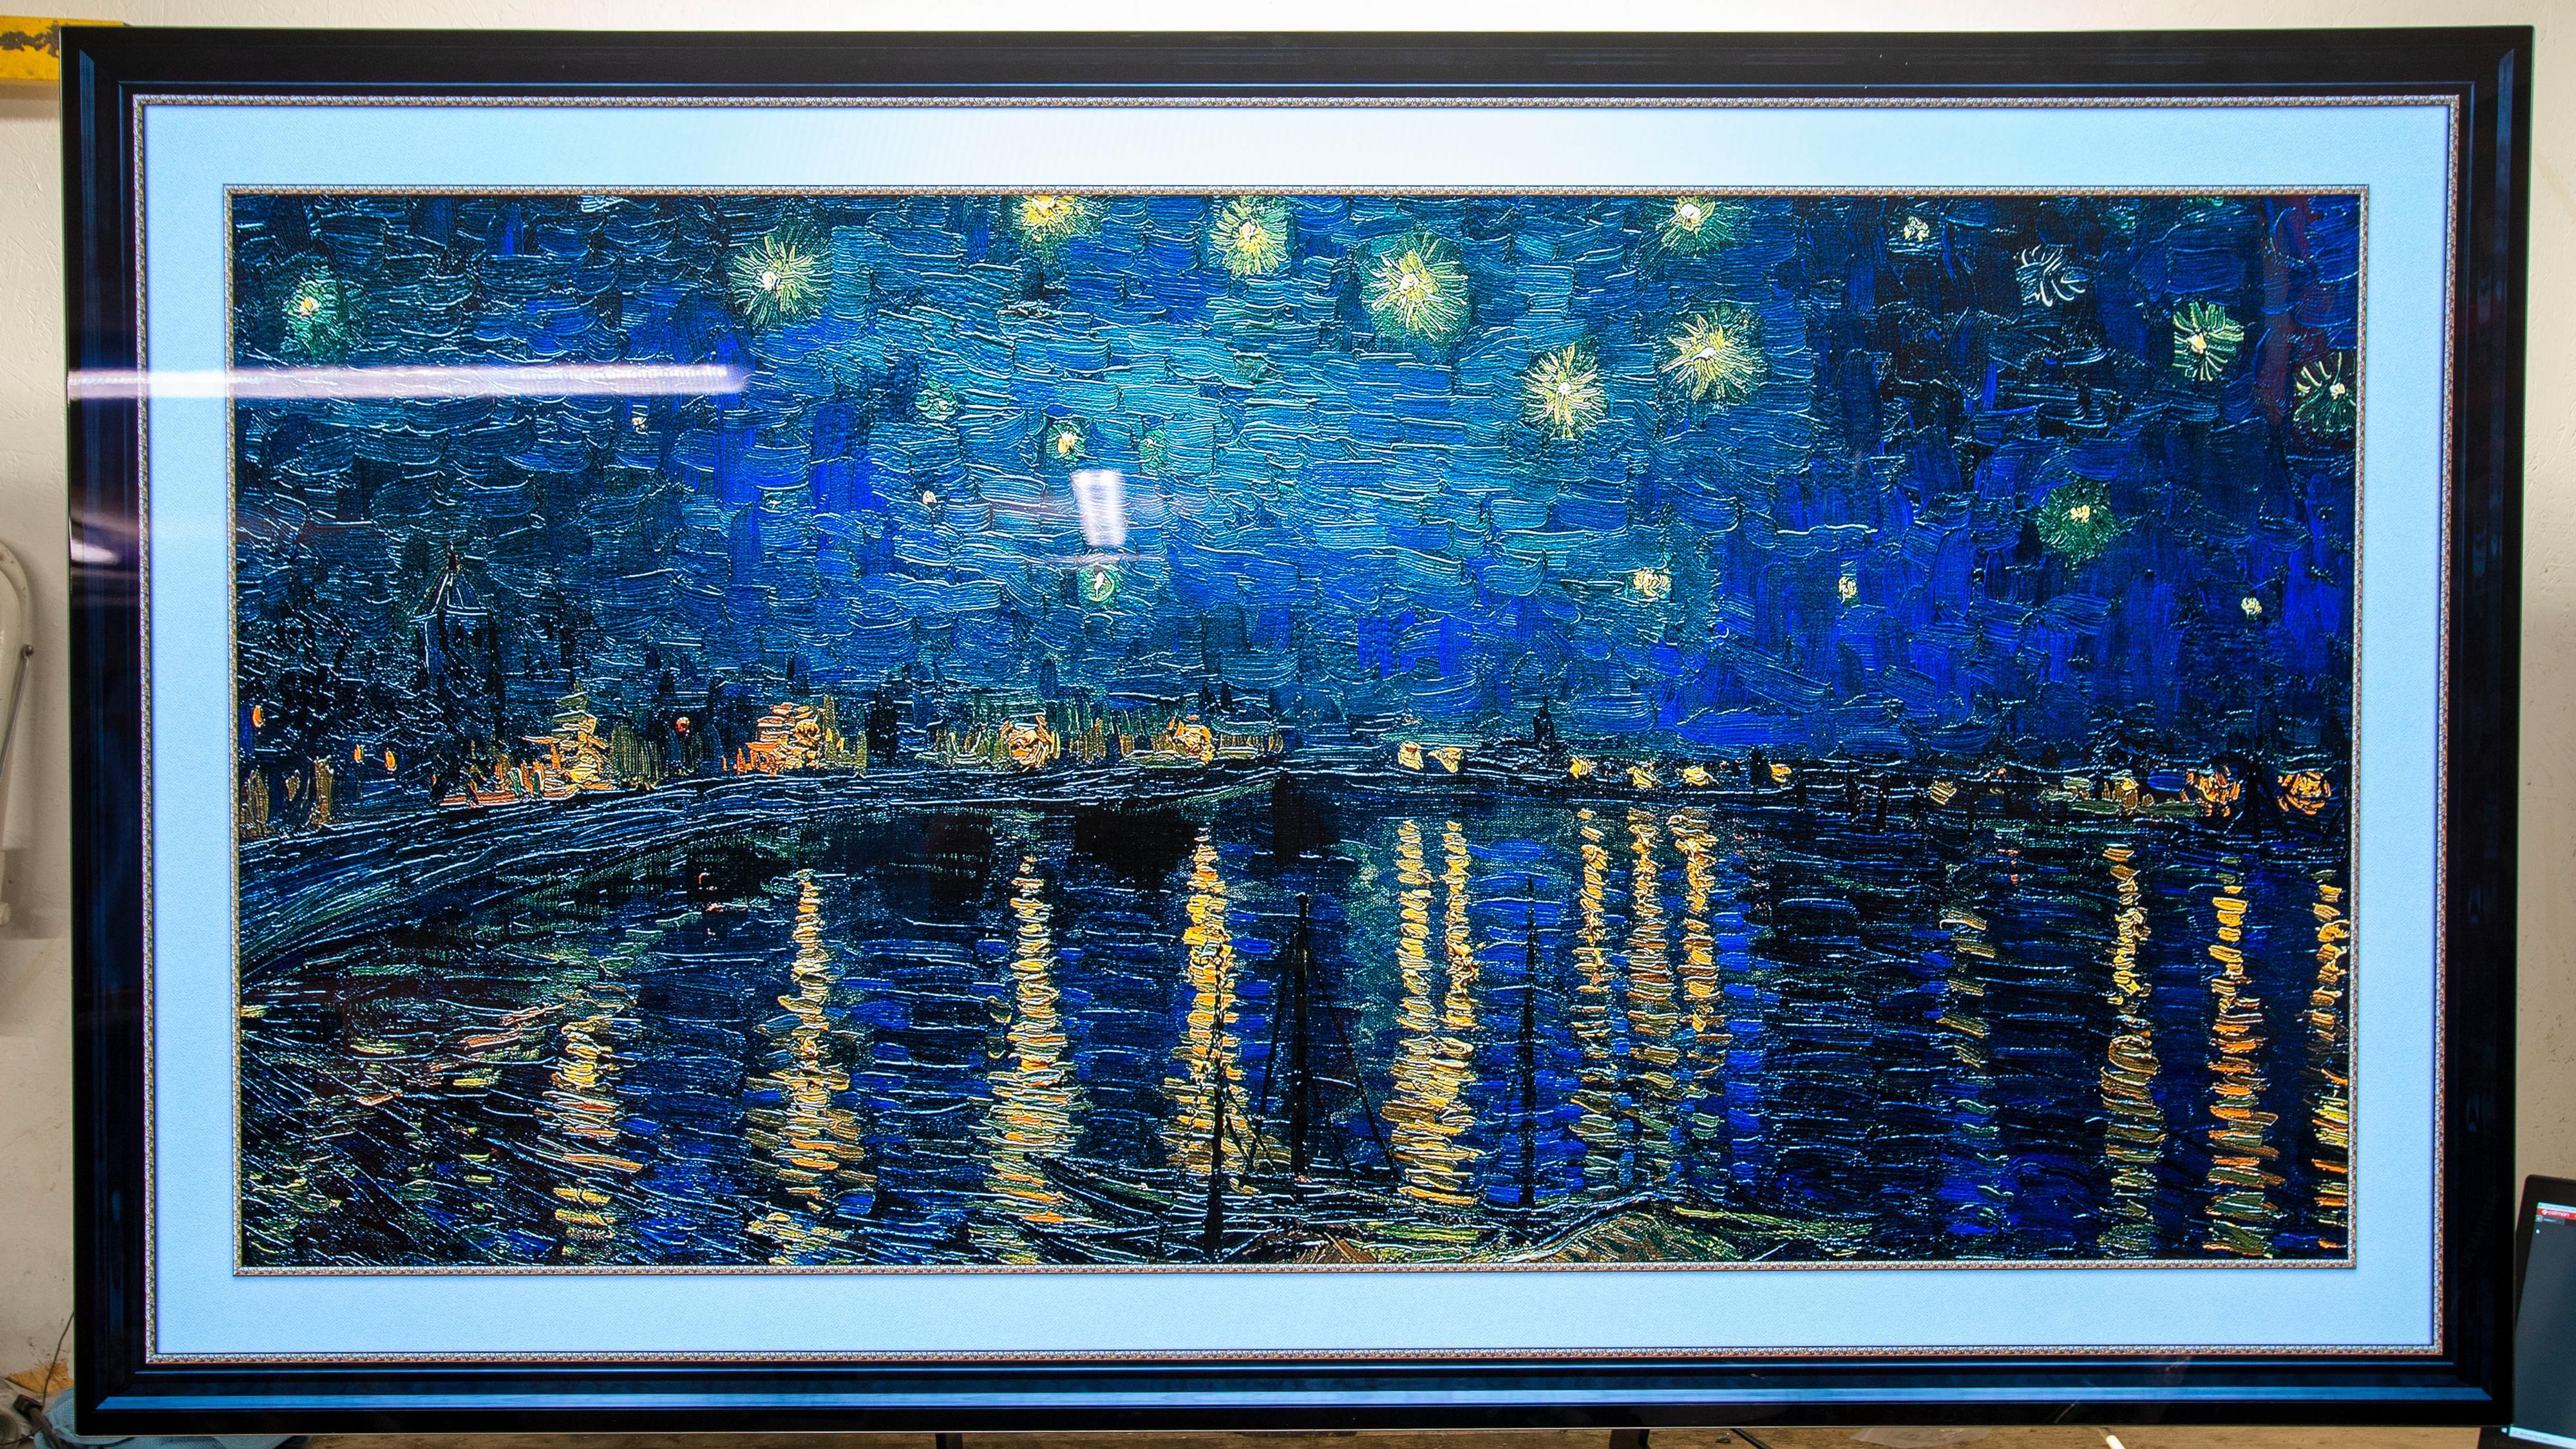 Gallerimodusen gir deg mulighet til å bruke TV-en til å vise kunst når du ikke ser vanlig TV.